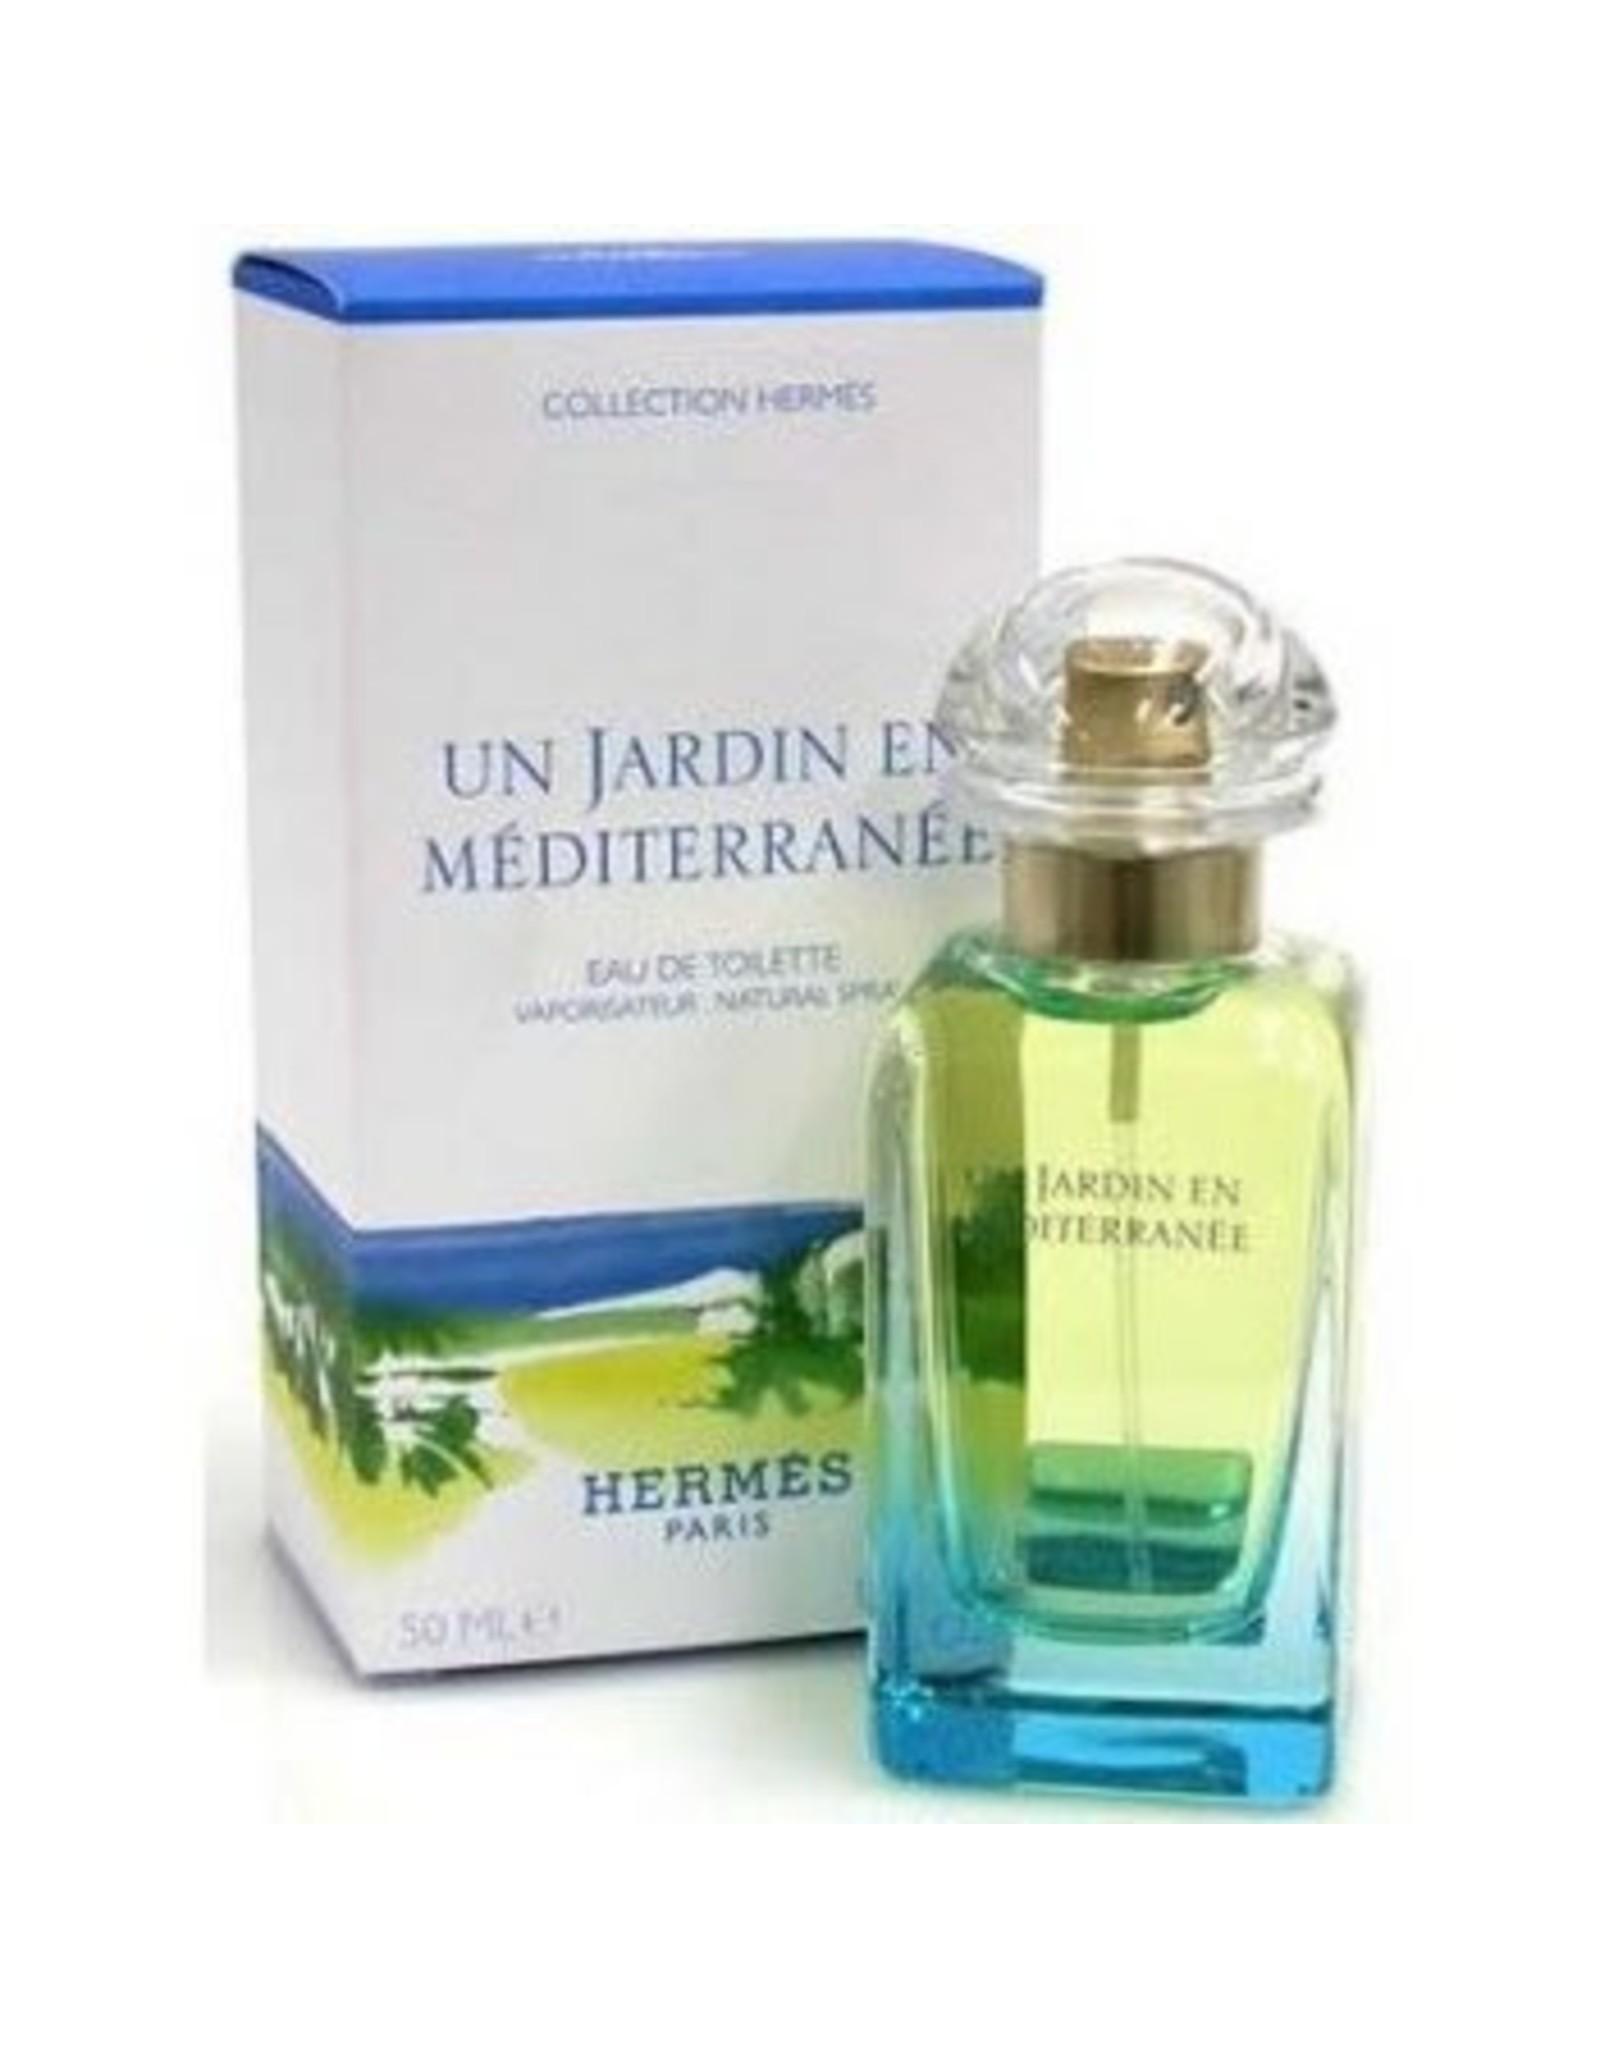 HERMES HERMES UN JARDIN EN MEDITERRANEE